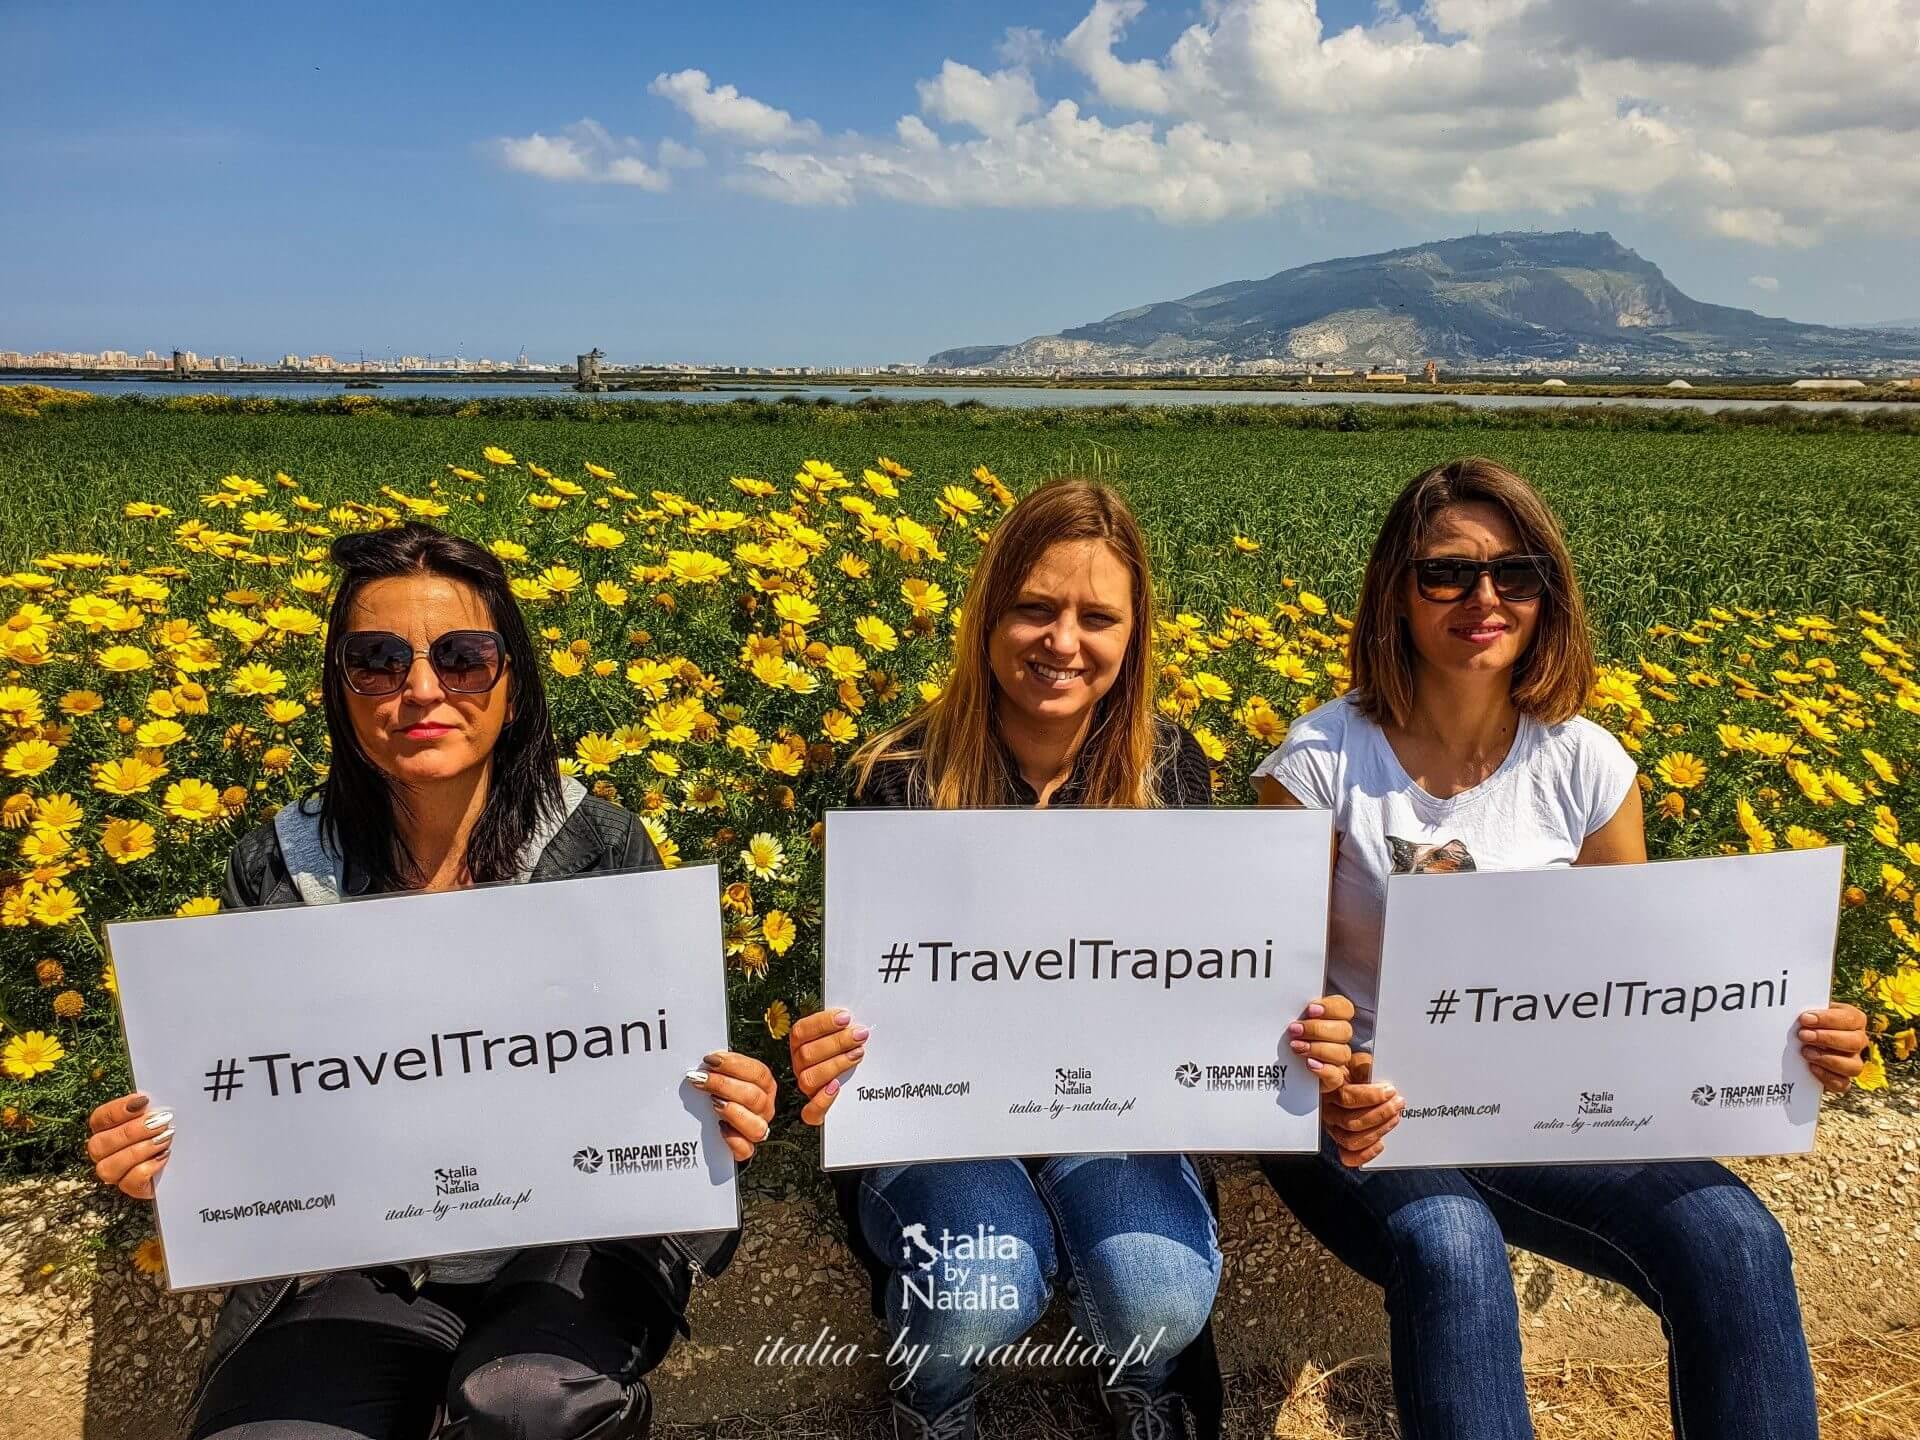 #TravelTrapani pomóżmy Trapani które umiera Sycylia